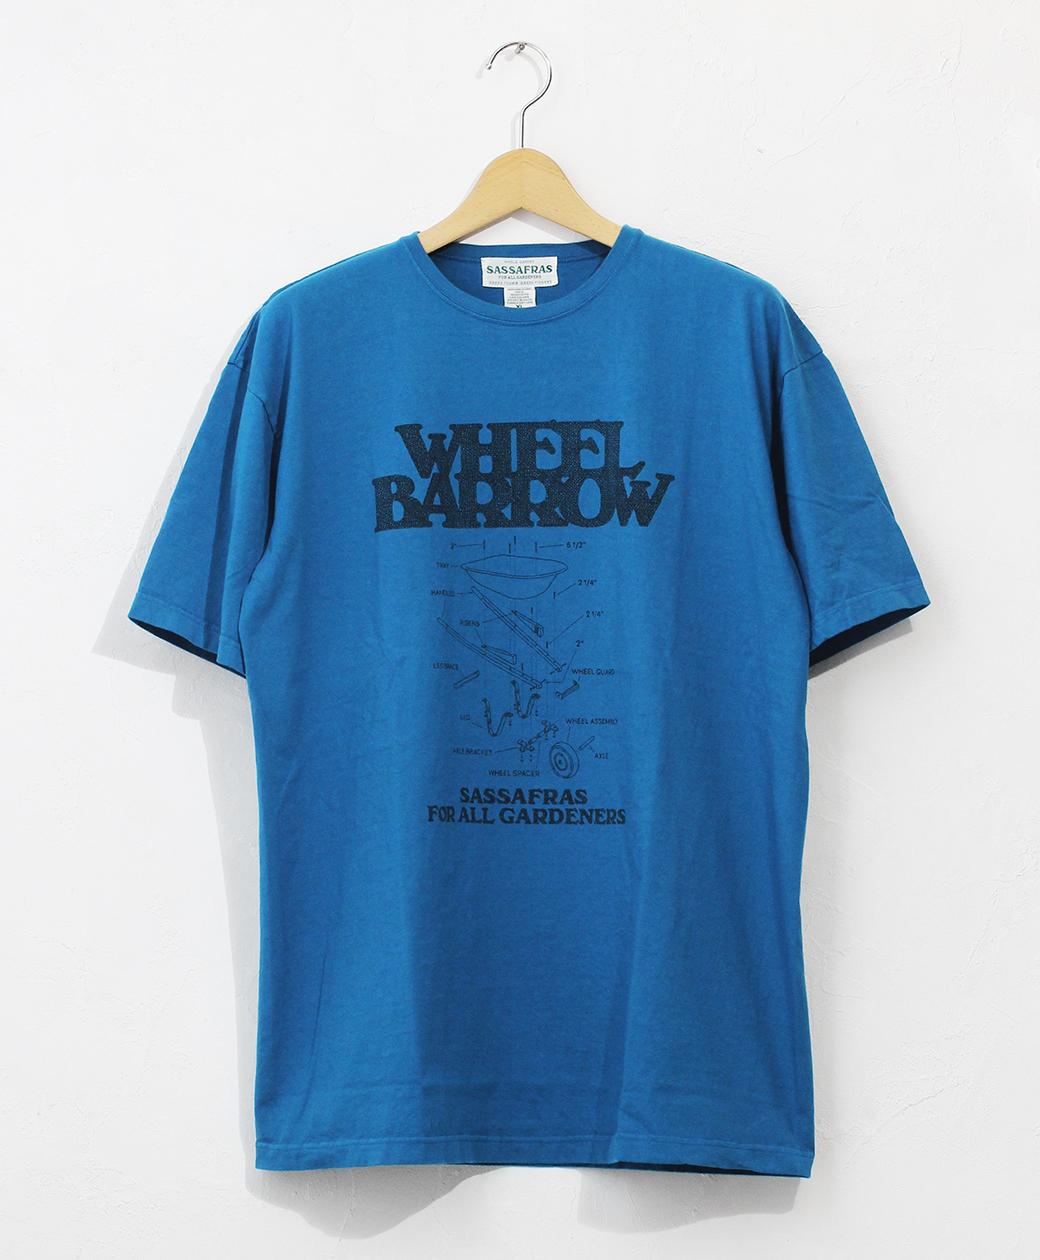 SASSAFRAS Wheel Barrow T 1/2(Turquoise)